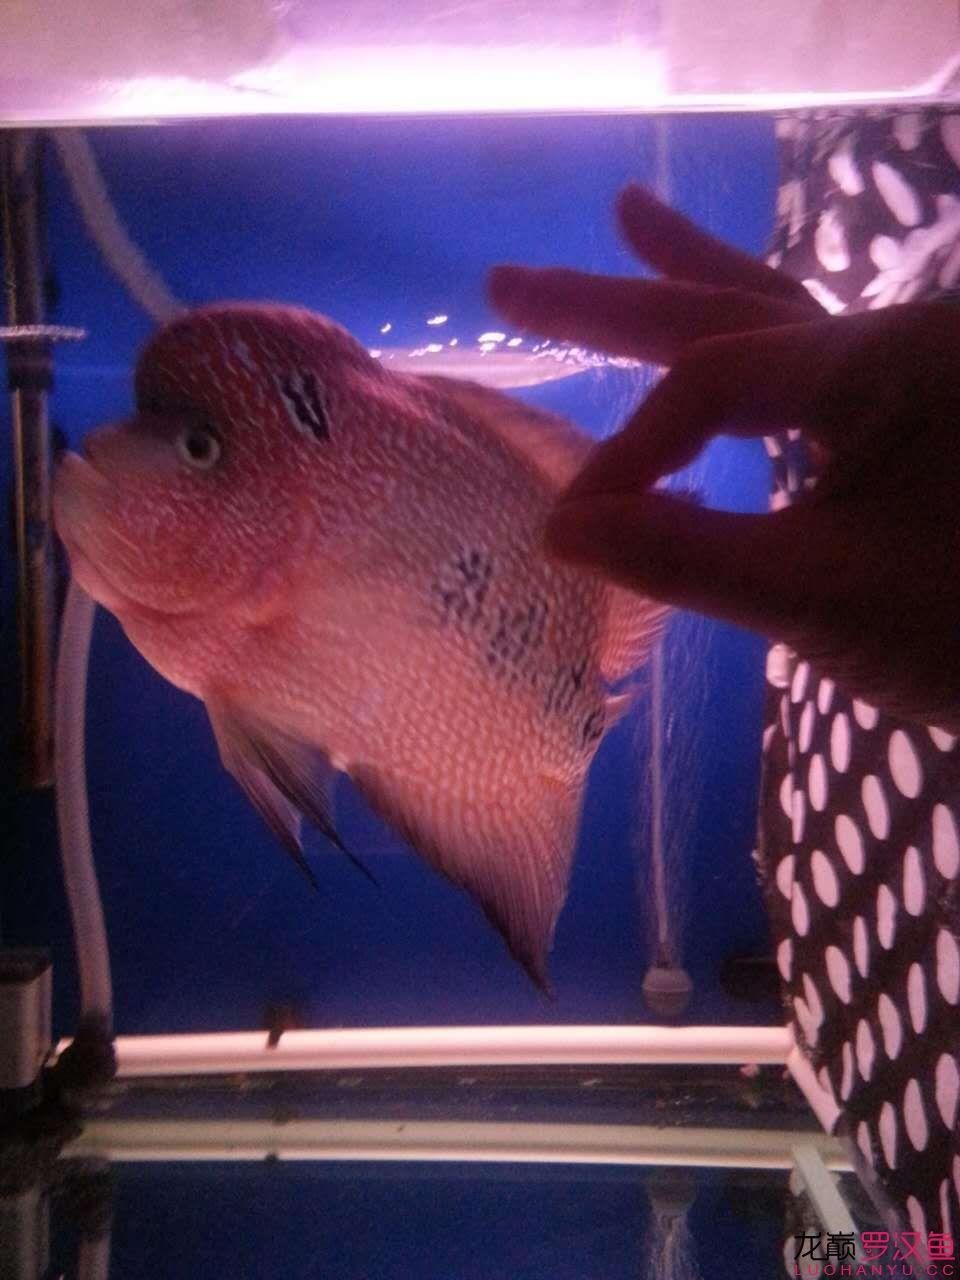 贼罗堂有好罗+ 爱鱼点点 西安龙鱼论坛 西安博特第6张